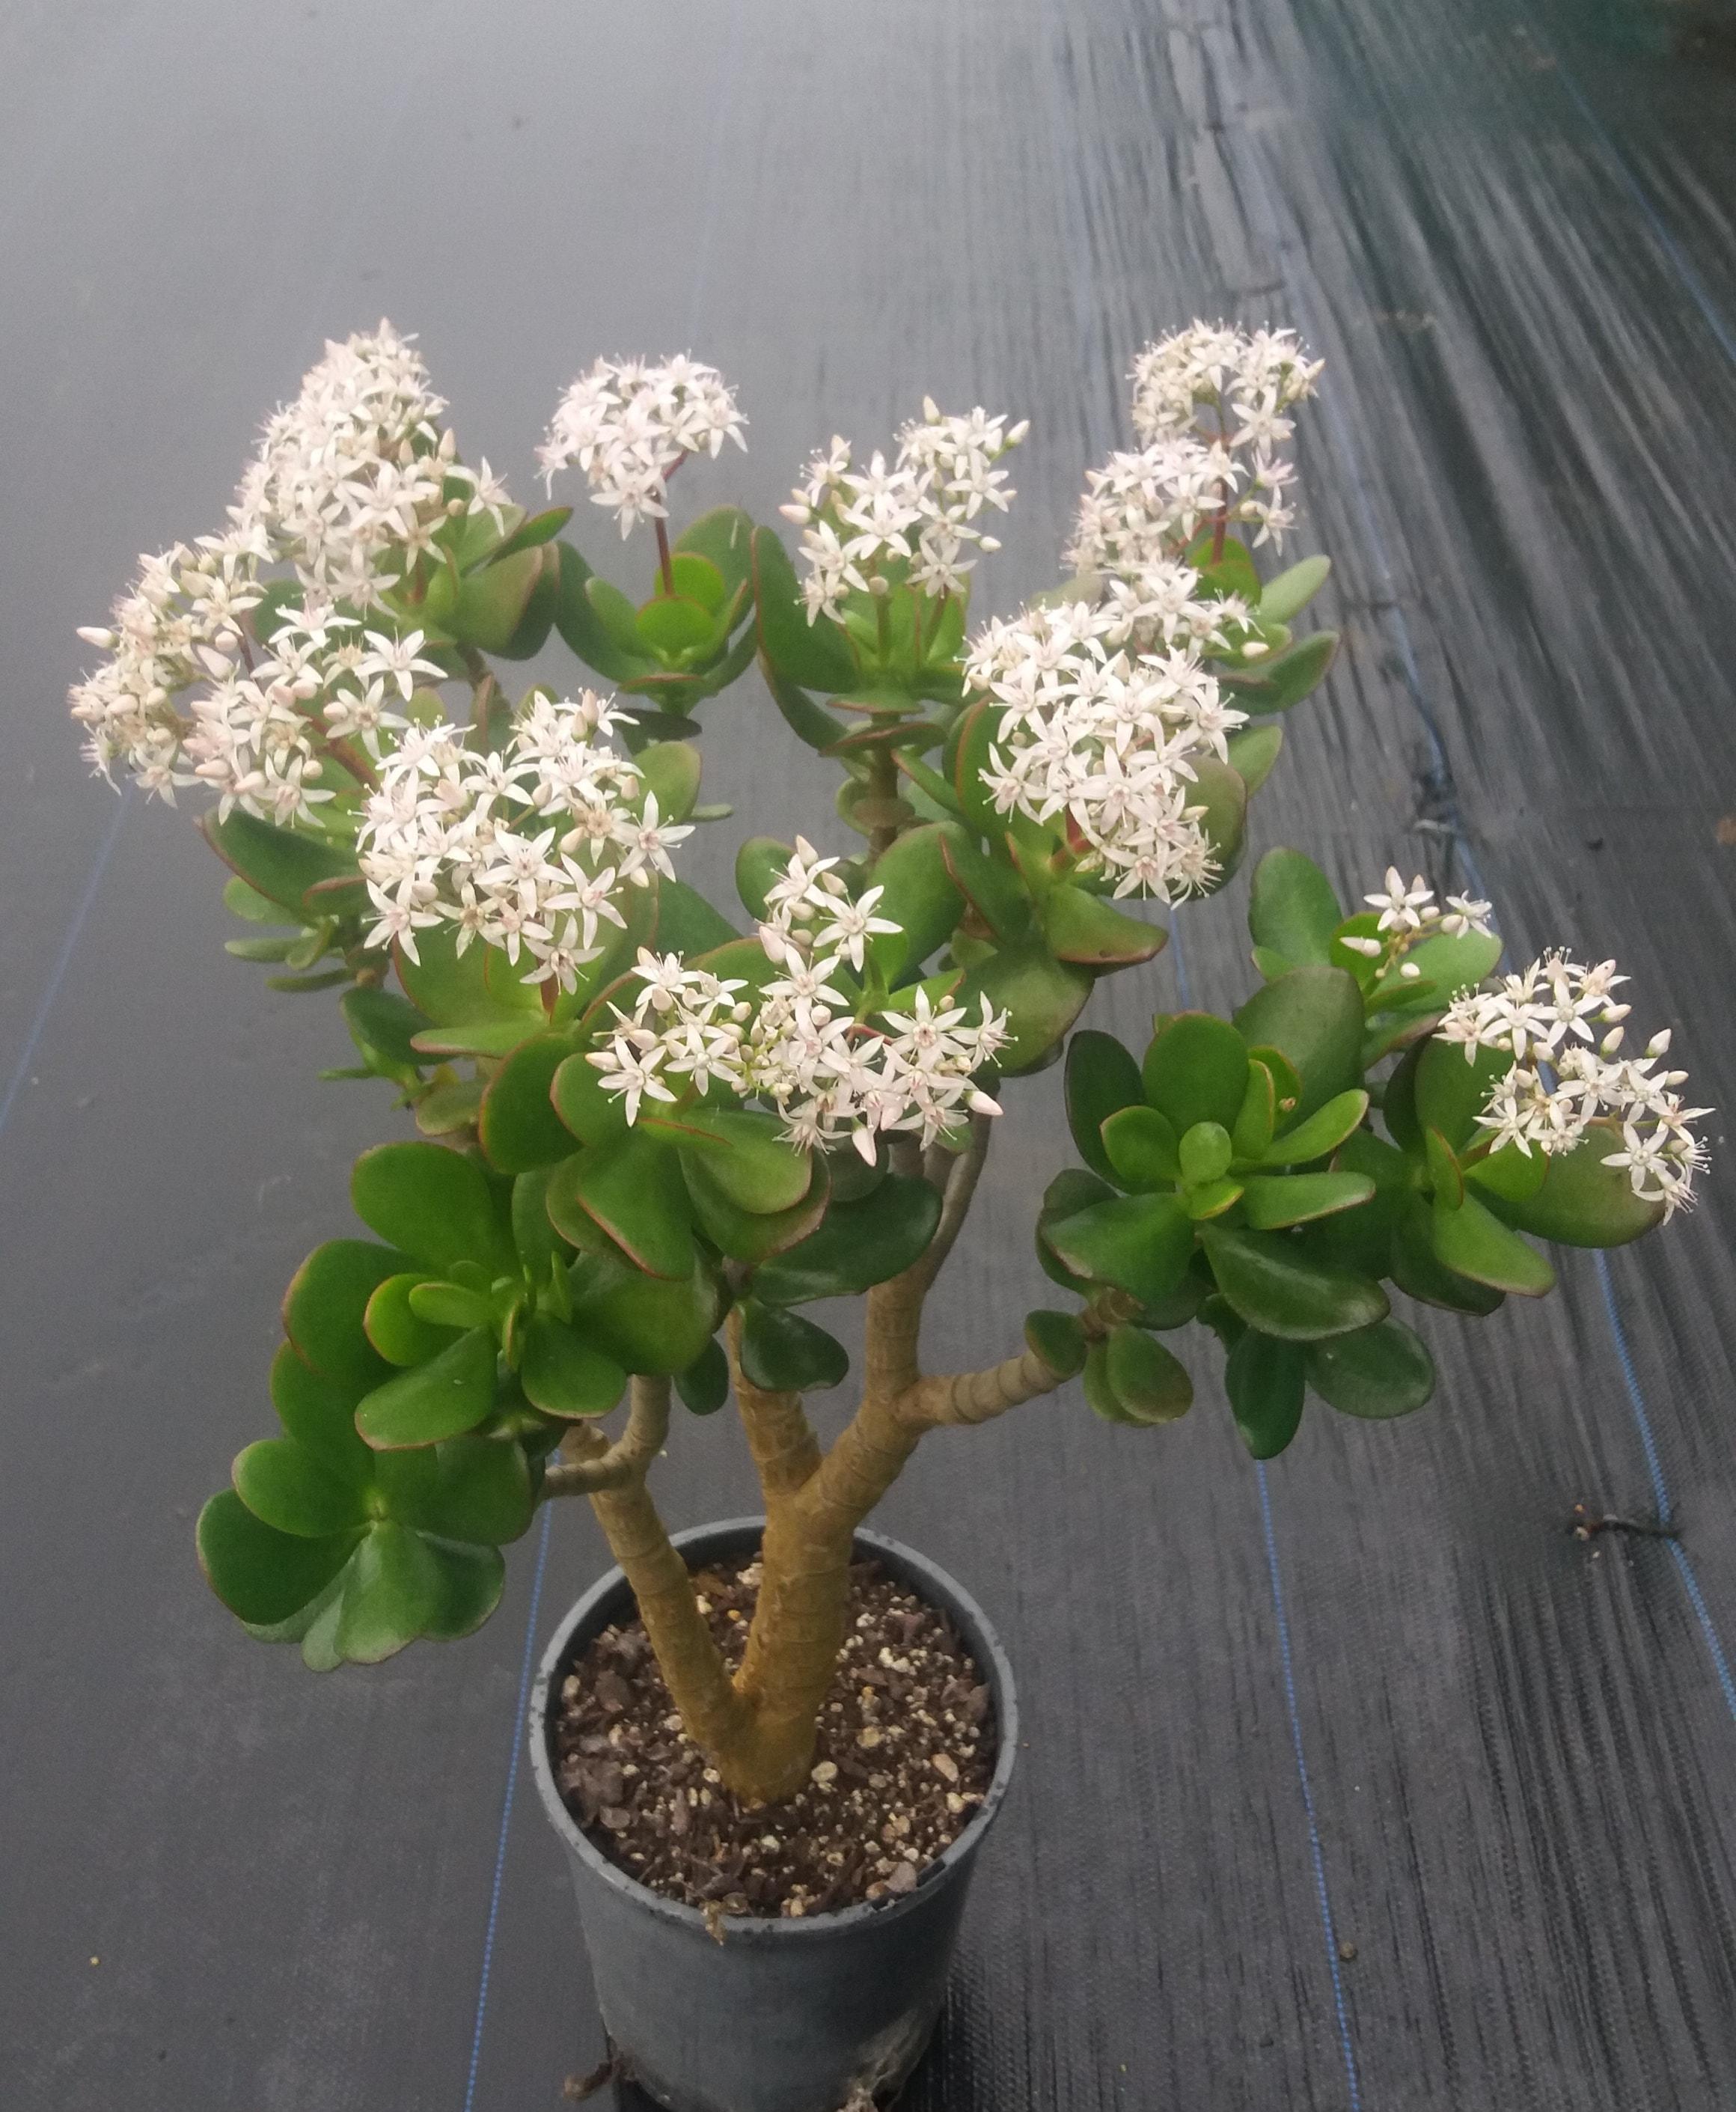 Crassula Ovata - Jade Tree